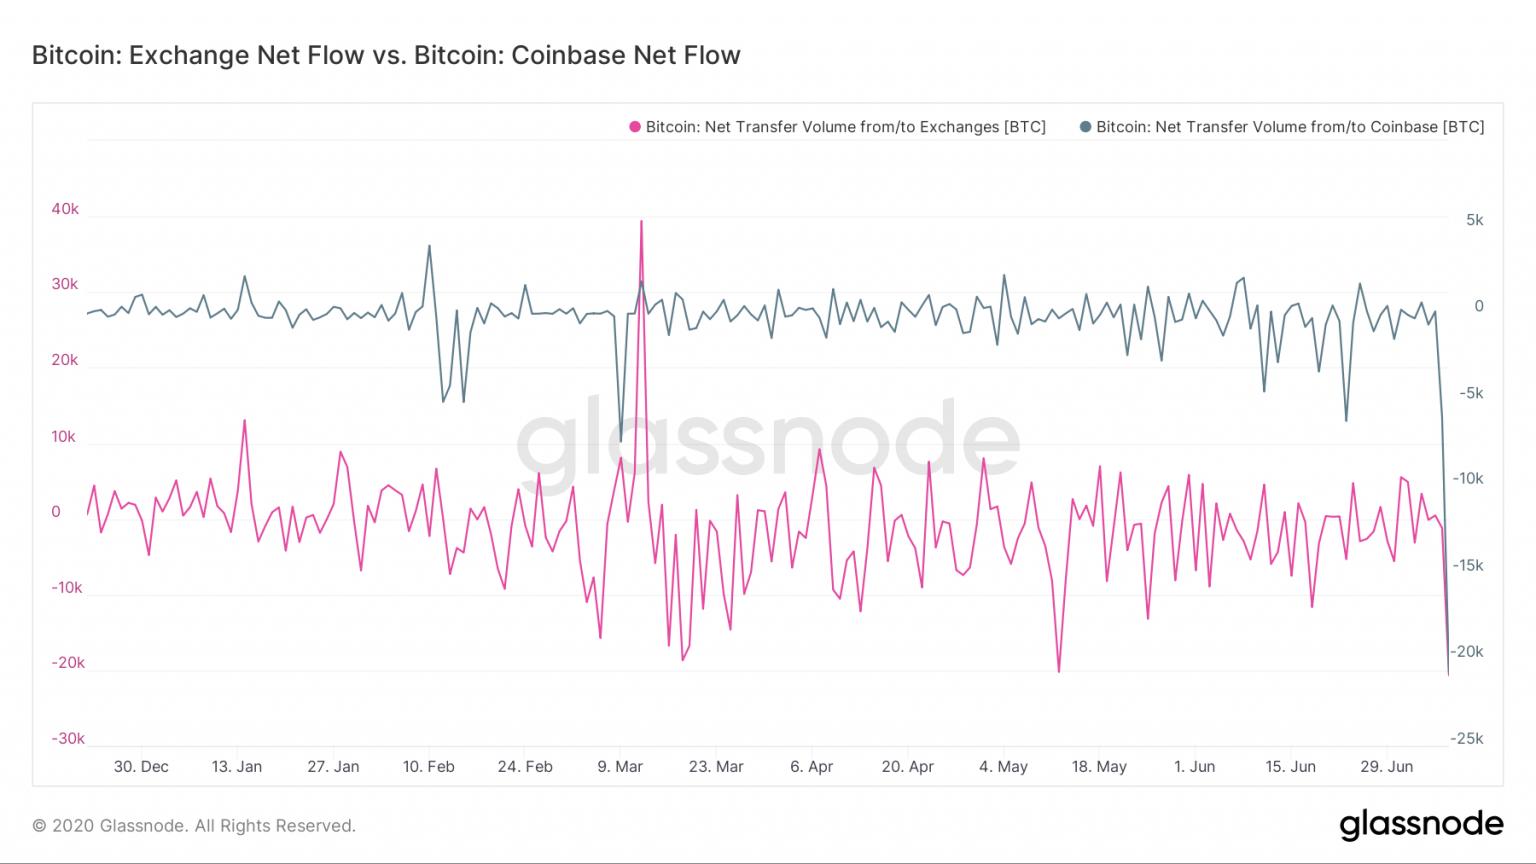 На криптовалютной бирже зафиксирован отток средств в биткоине, количестве выводов превысило количество пополнений